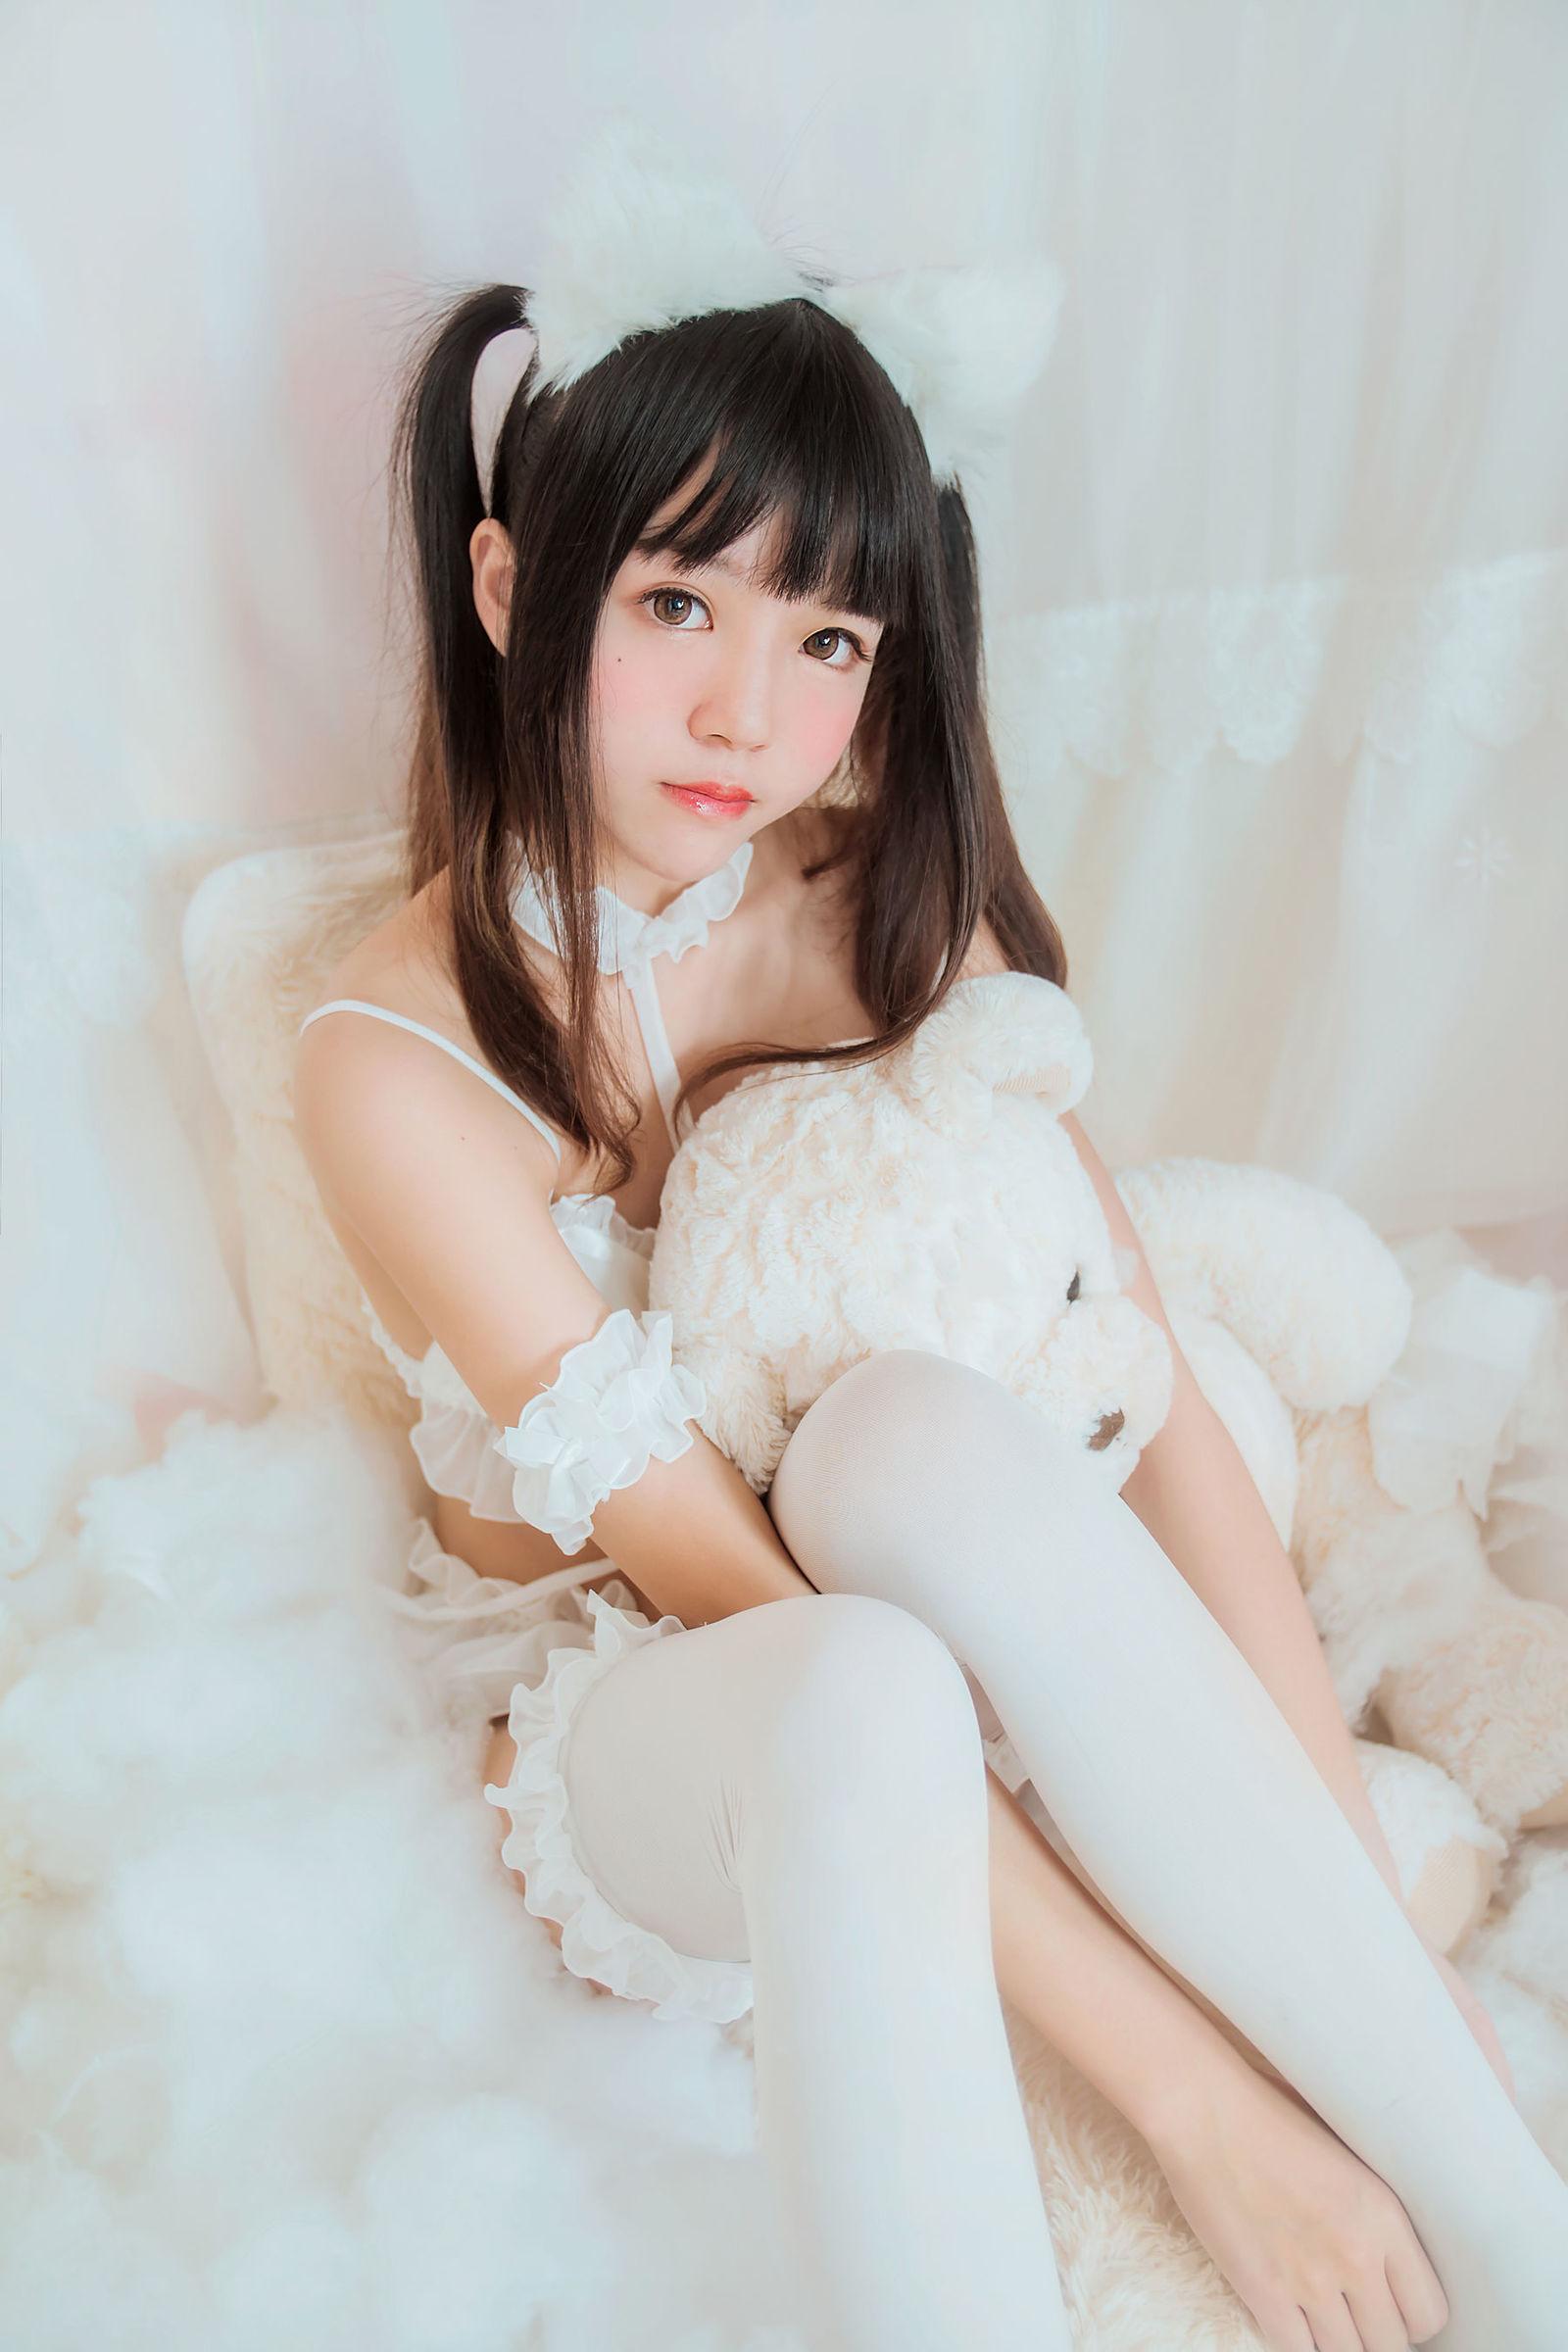 [网红COSER] 桜桃喵 – 白猫 COS丝袜美图[32P]